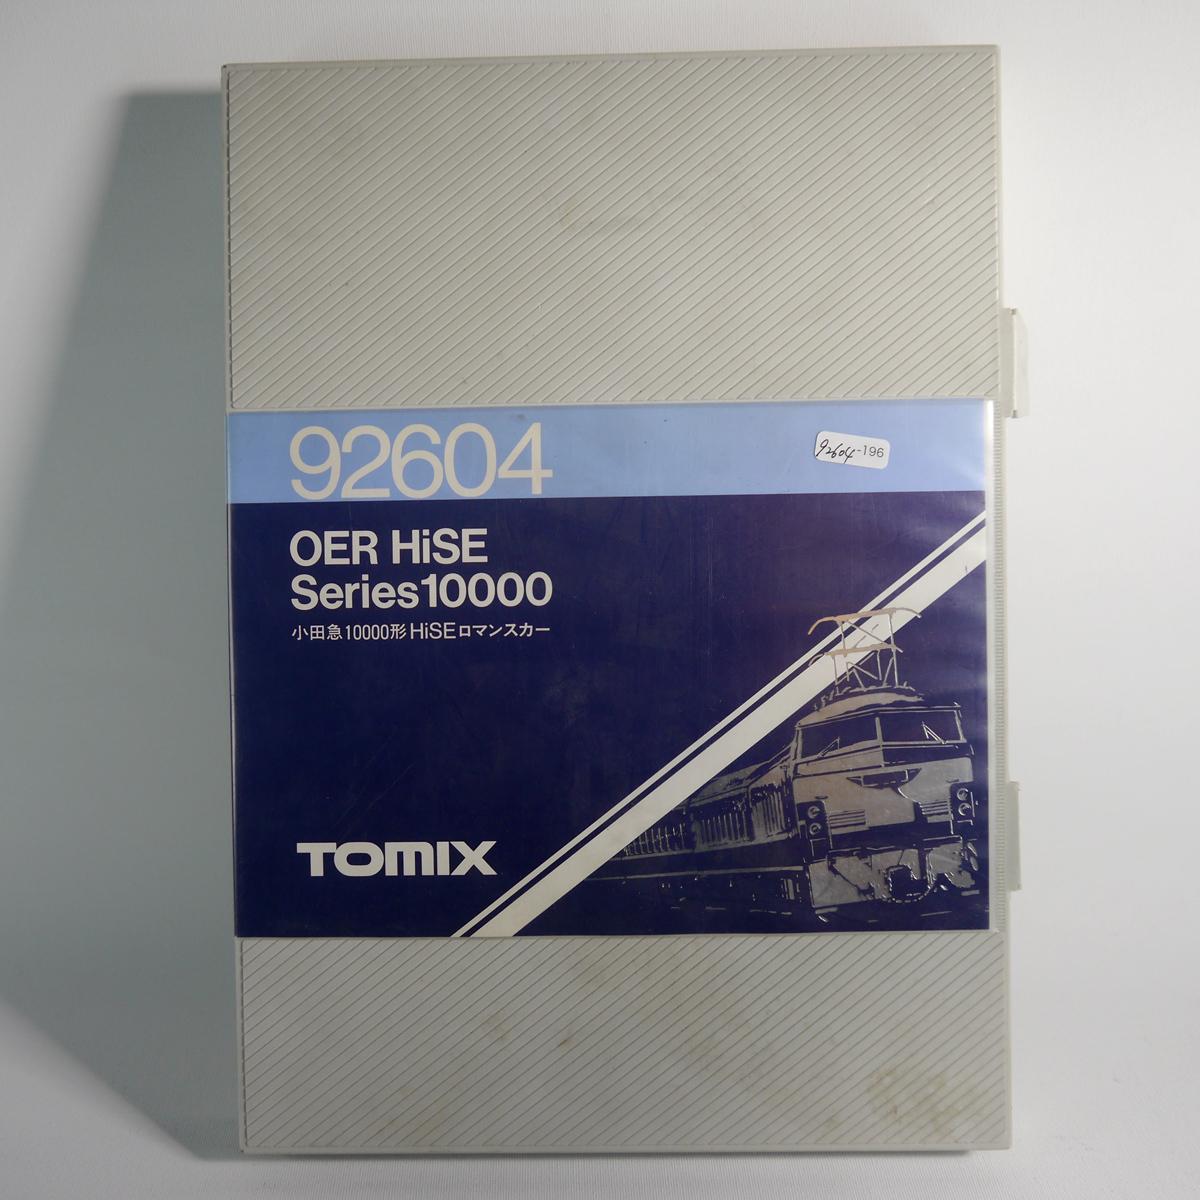 鉄道模型 Nゲージ TOMIX トミックス 92604 10000形 HiSE 小田急ロマンスカー 11両セット_画像2